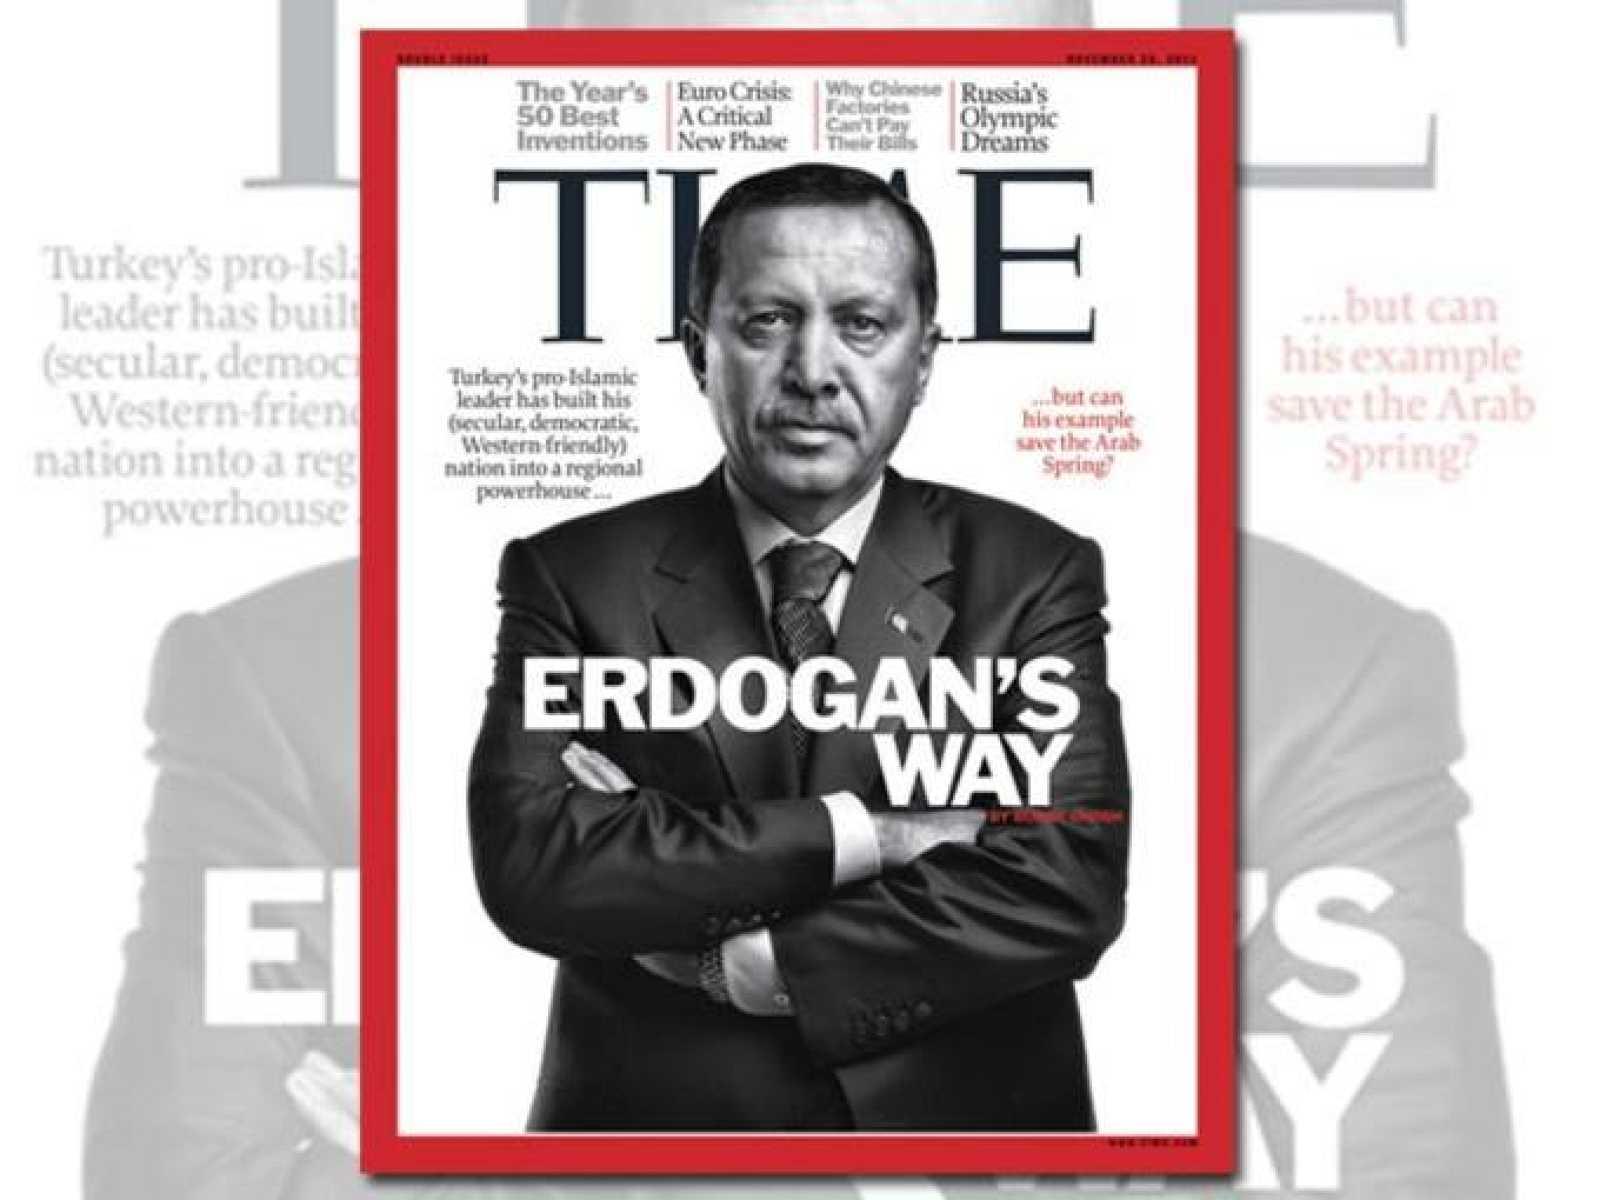 El jugador argentino del FC Barcelona, Lionel Messi, y la portada de la revista Times con Erdogan en la portada.